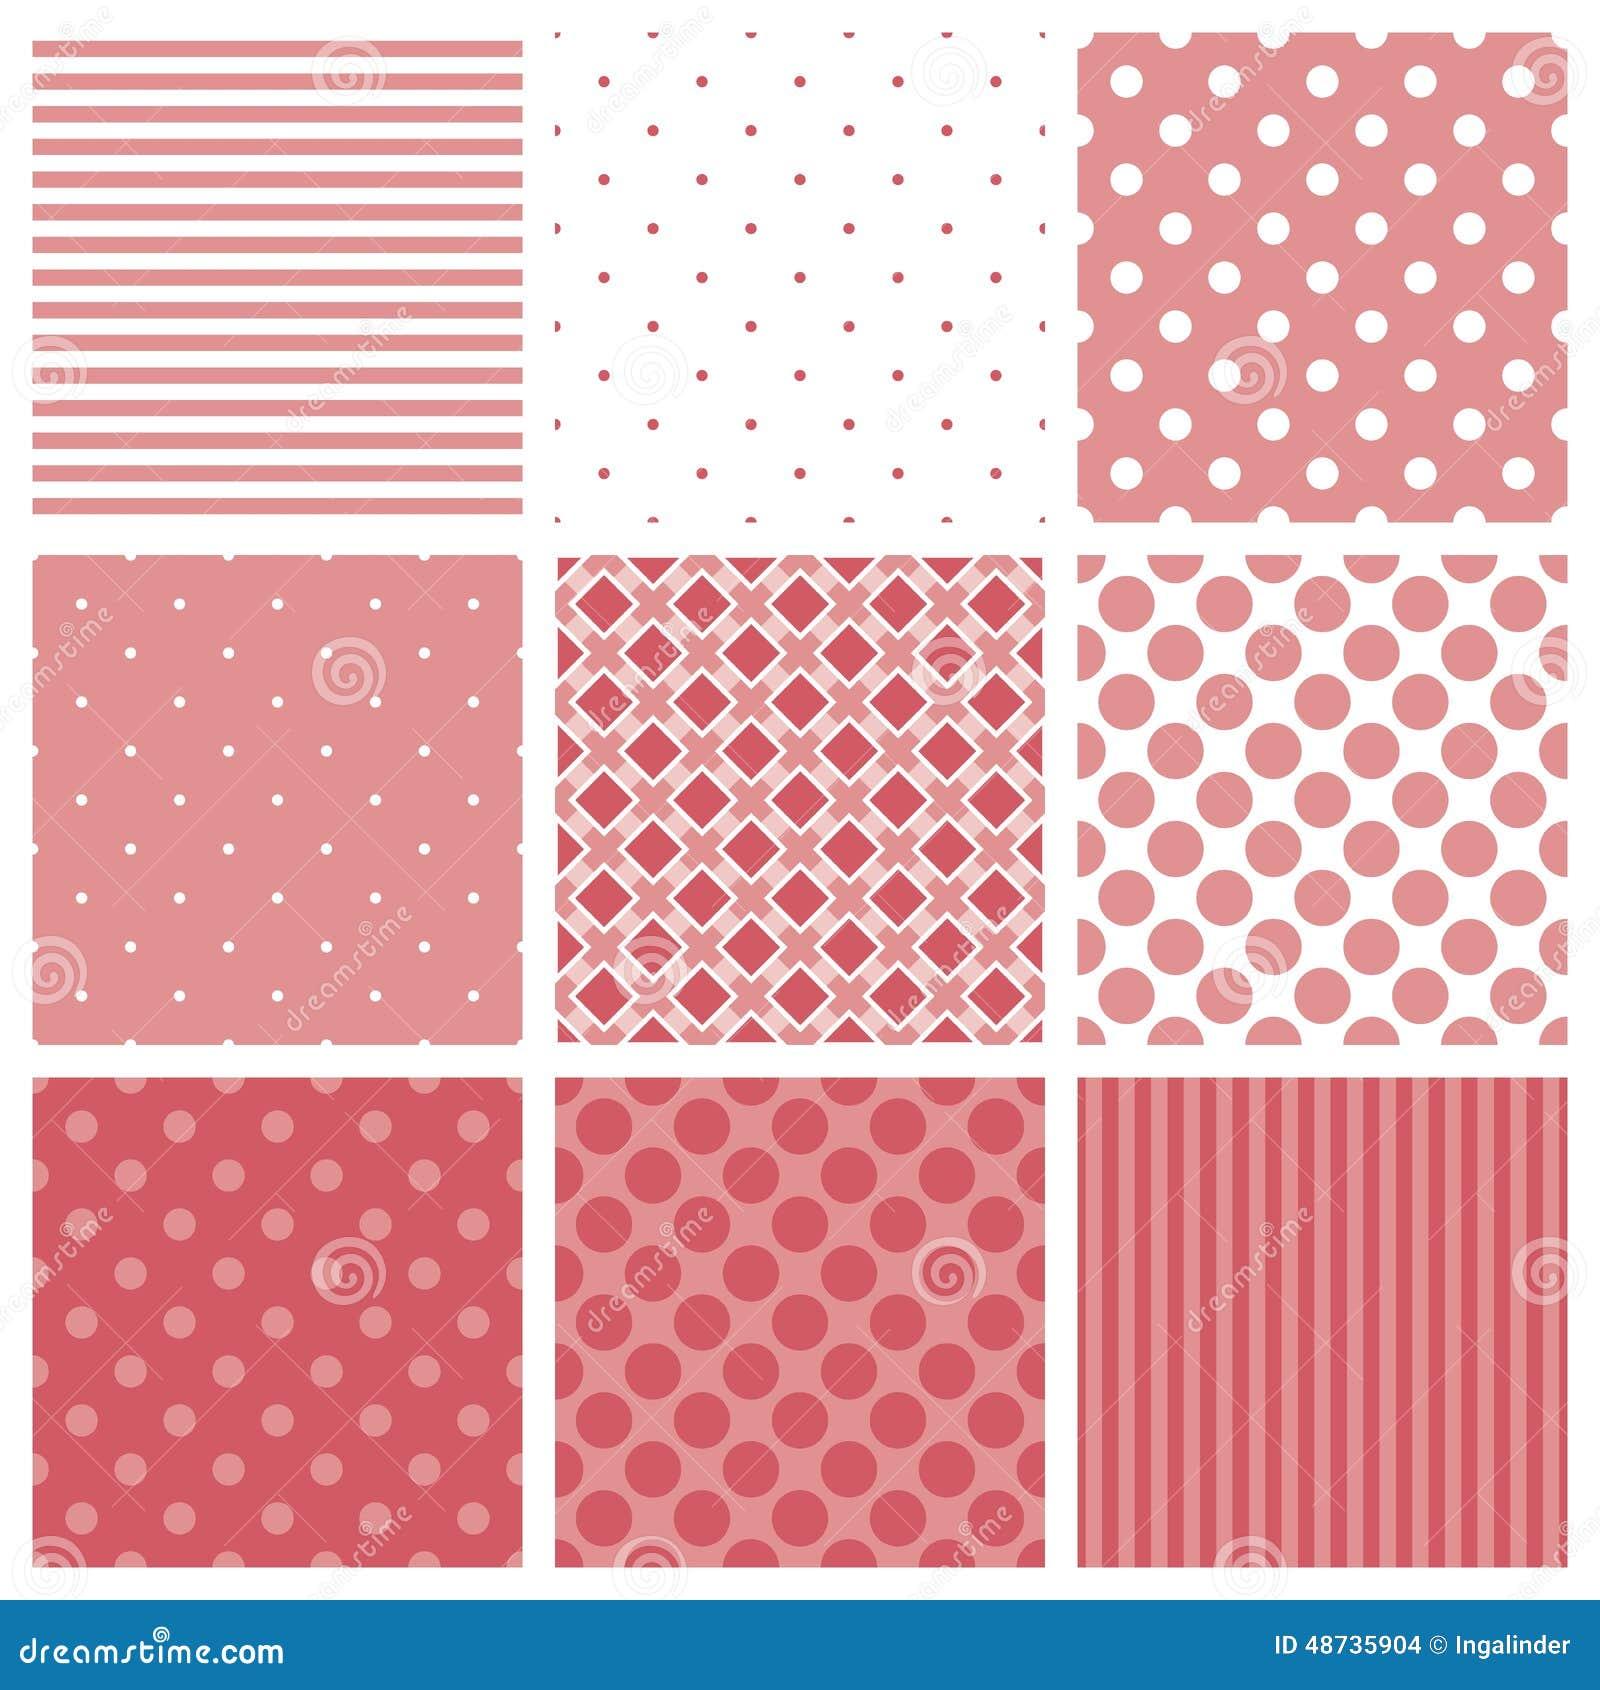 Dachówkowy wzoru set z szkocką kratą, lampasami i polek kropek tłem różowymi i białymi,